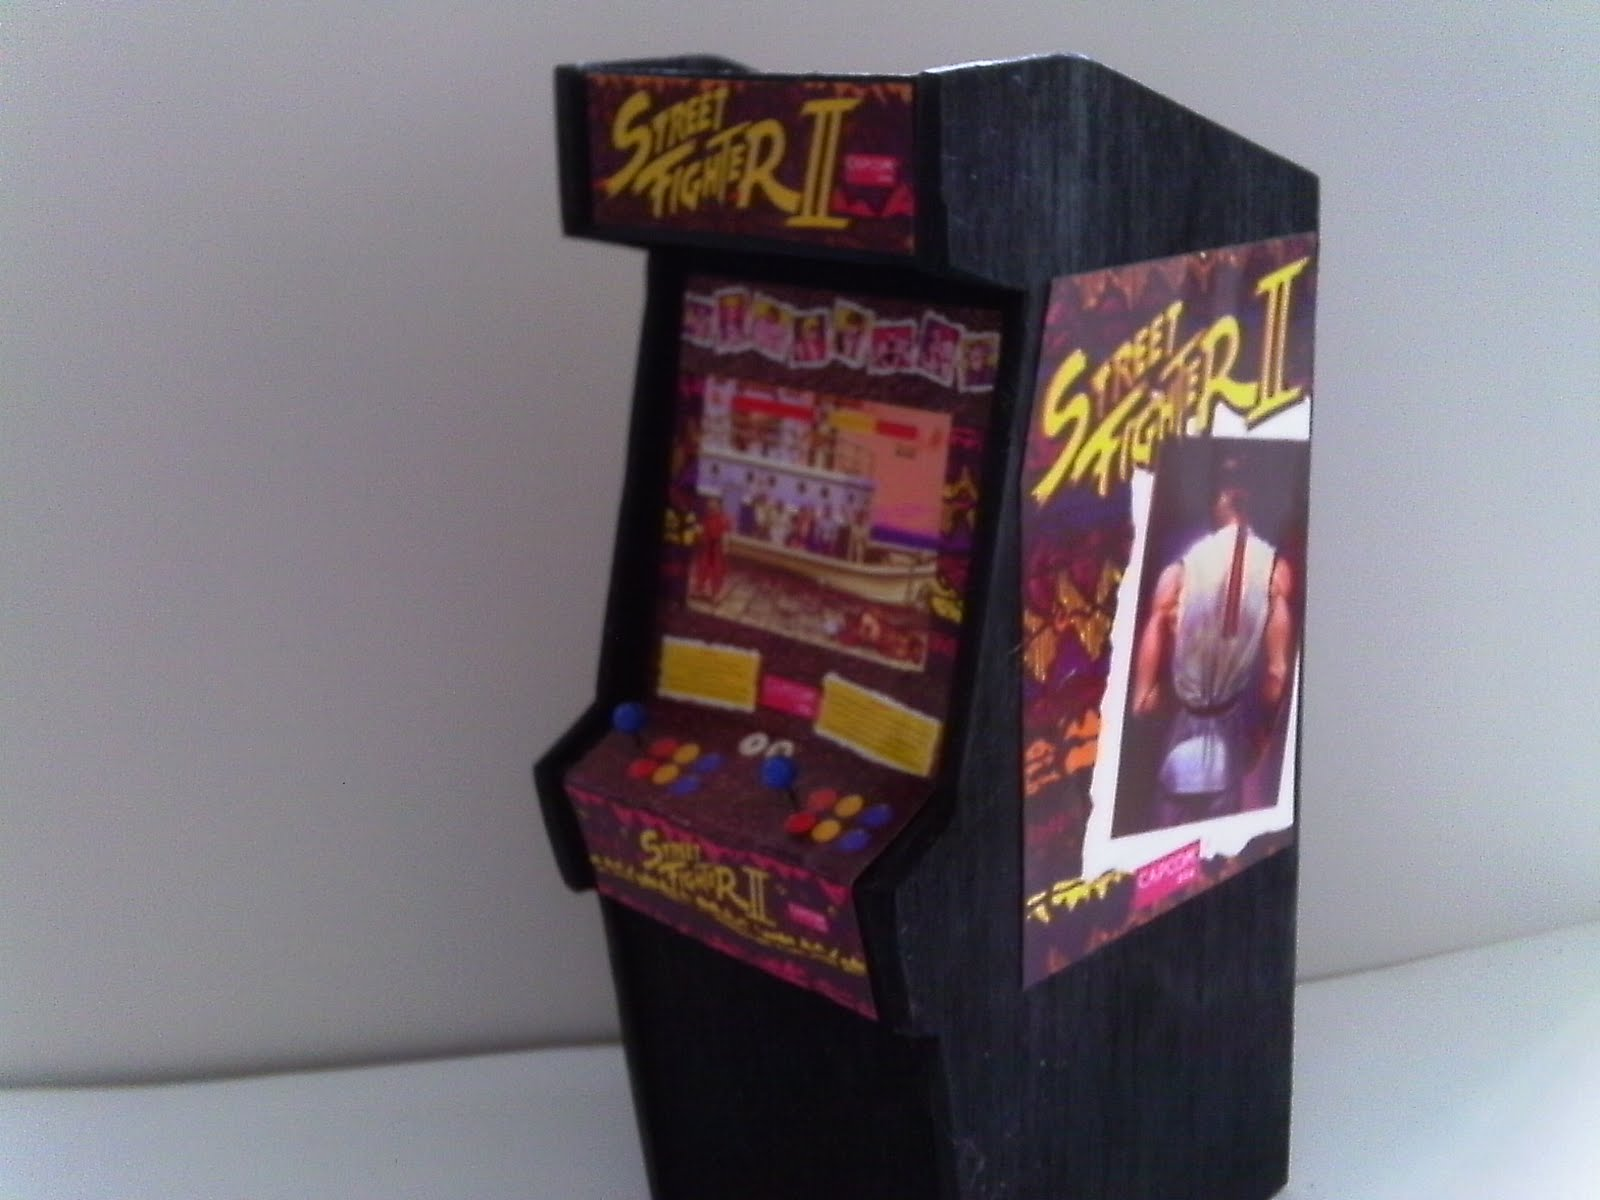 Retro Heart Street Fighter Ii Scale Arcade Model